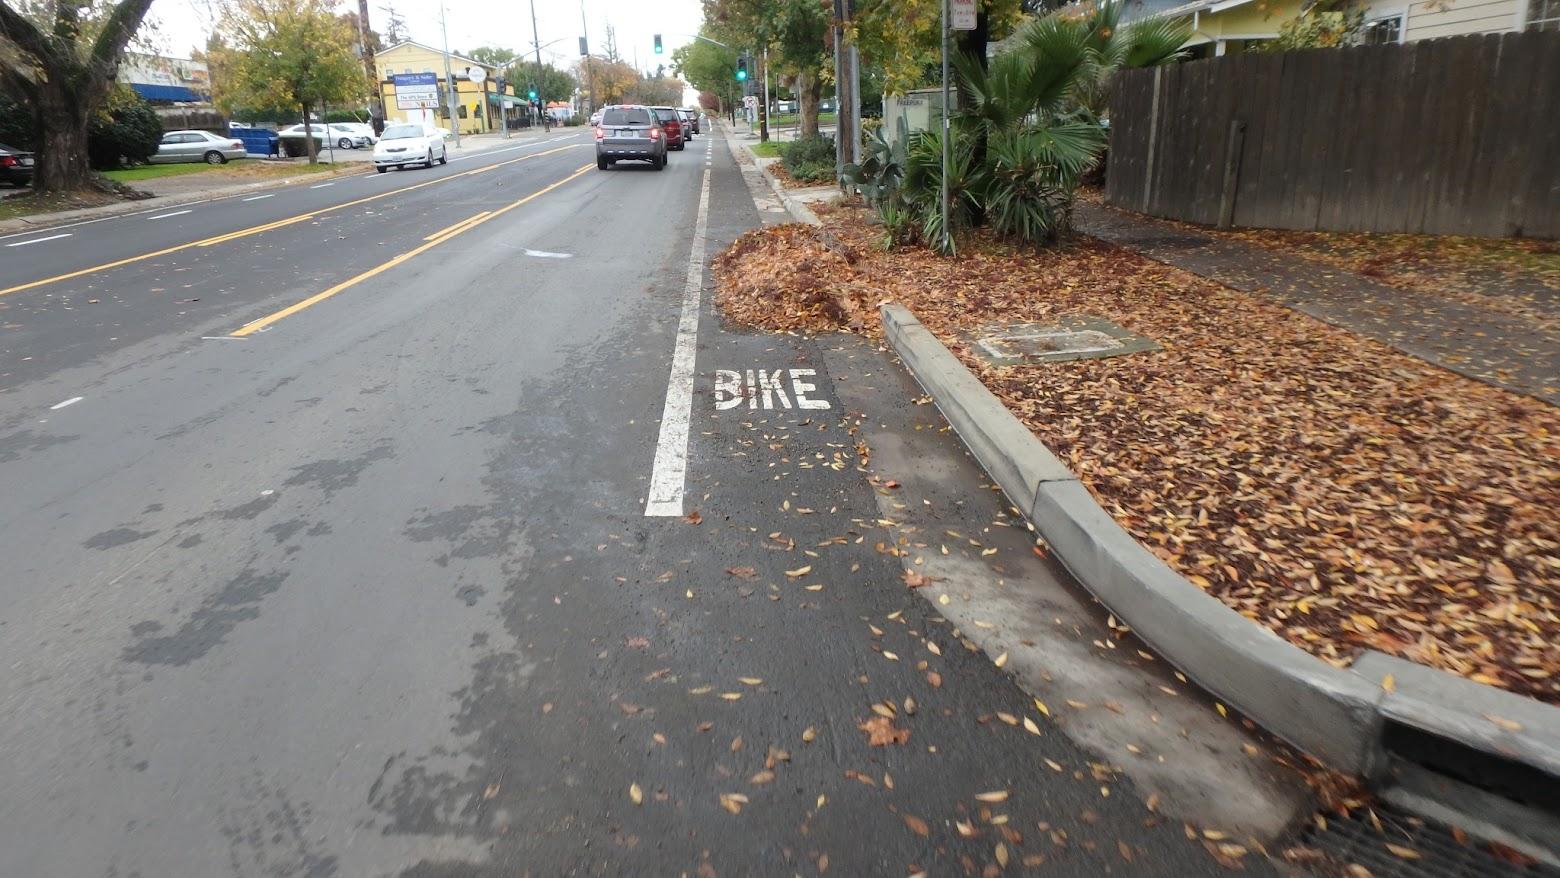 Leaf piles in the bike lane